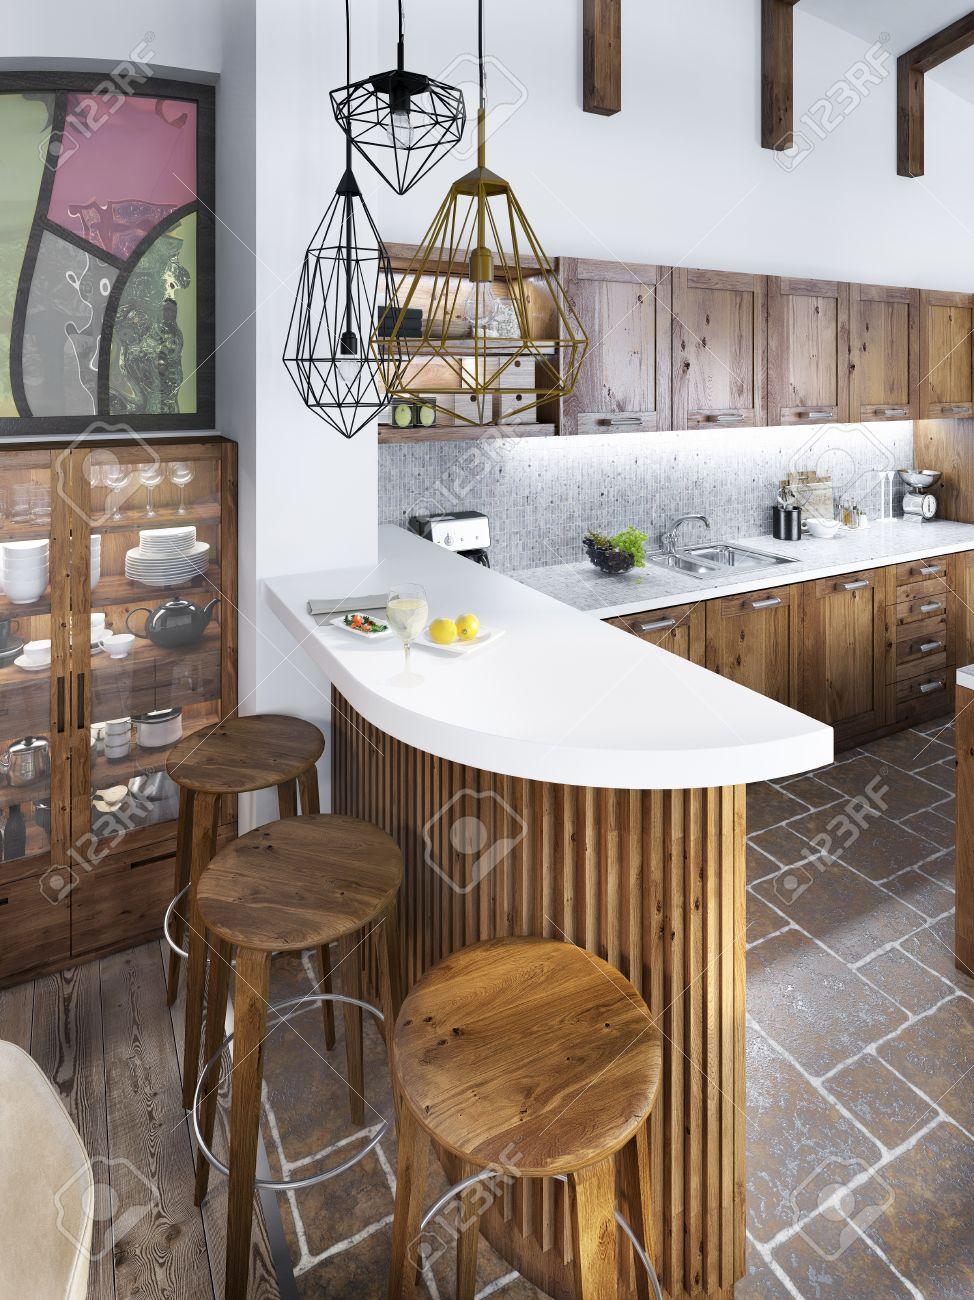 La Barra De Bar En El Estilo Loft De Cocina. La Barra De Madera Con ...